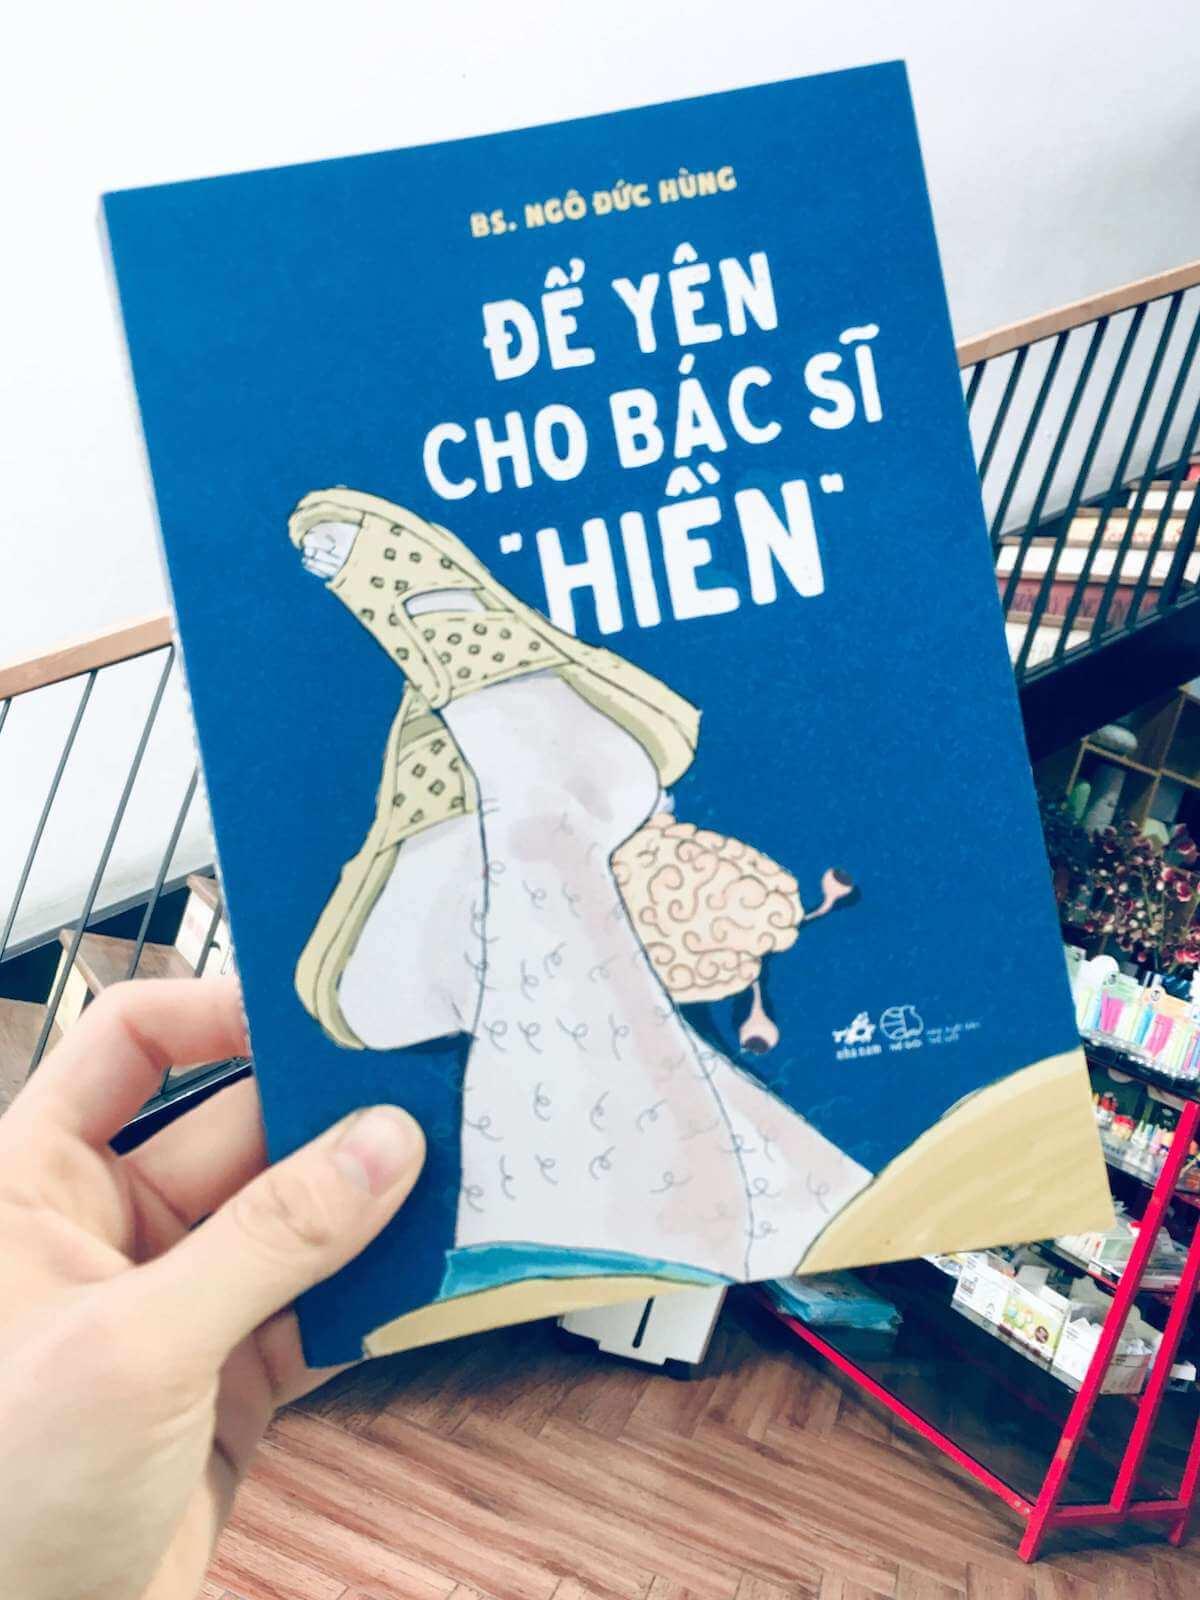 Để Yên Cho Bác Sĩ 'Hiền' - Review sách